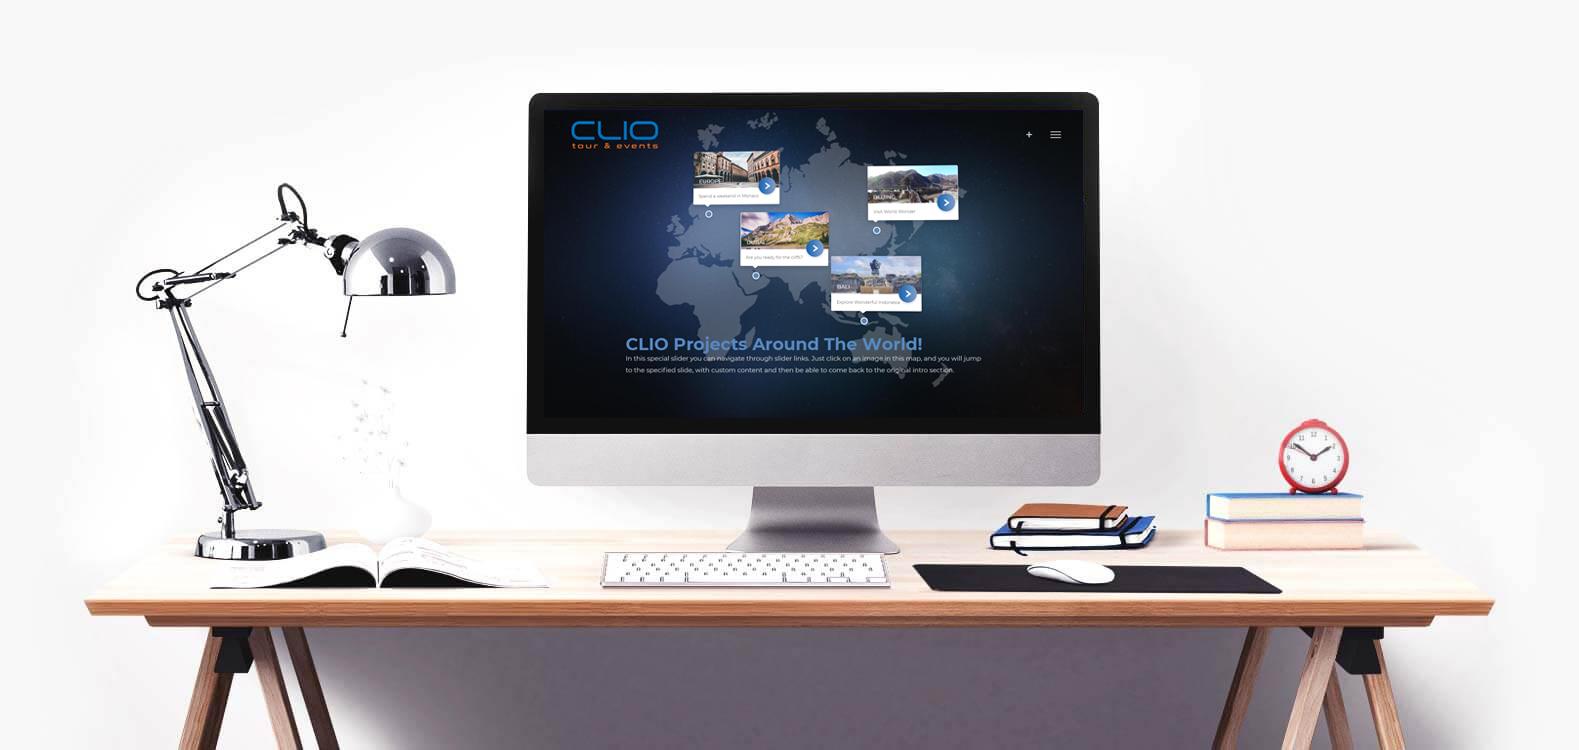 CLIO-computer-desk